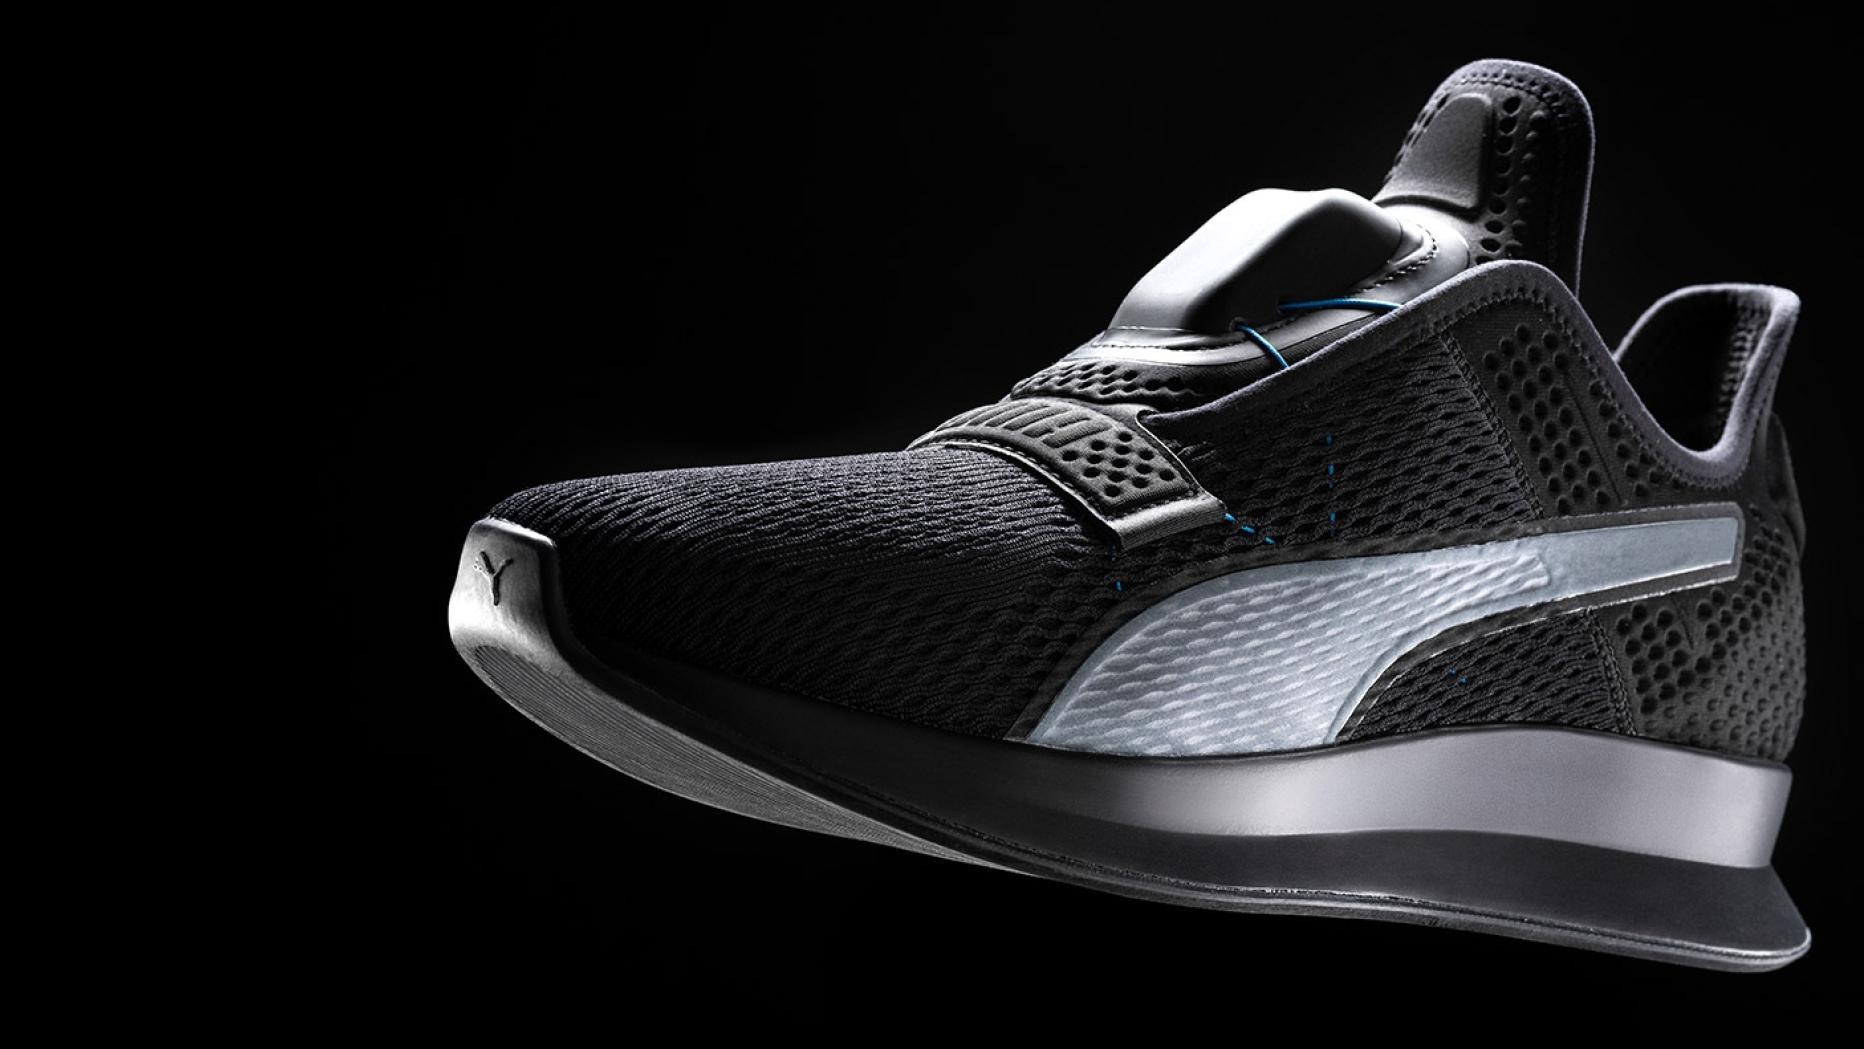 sucht seine Tester Schuhe Puma für selbstschnürenden 8mNn0w